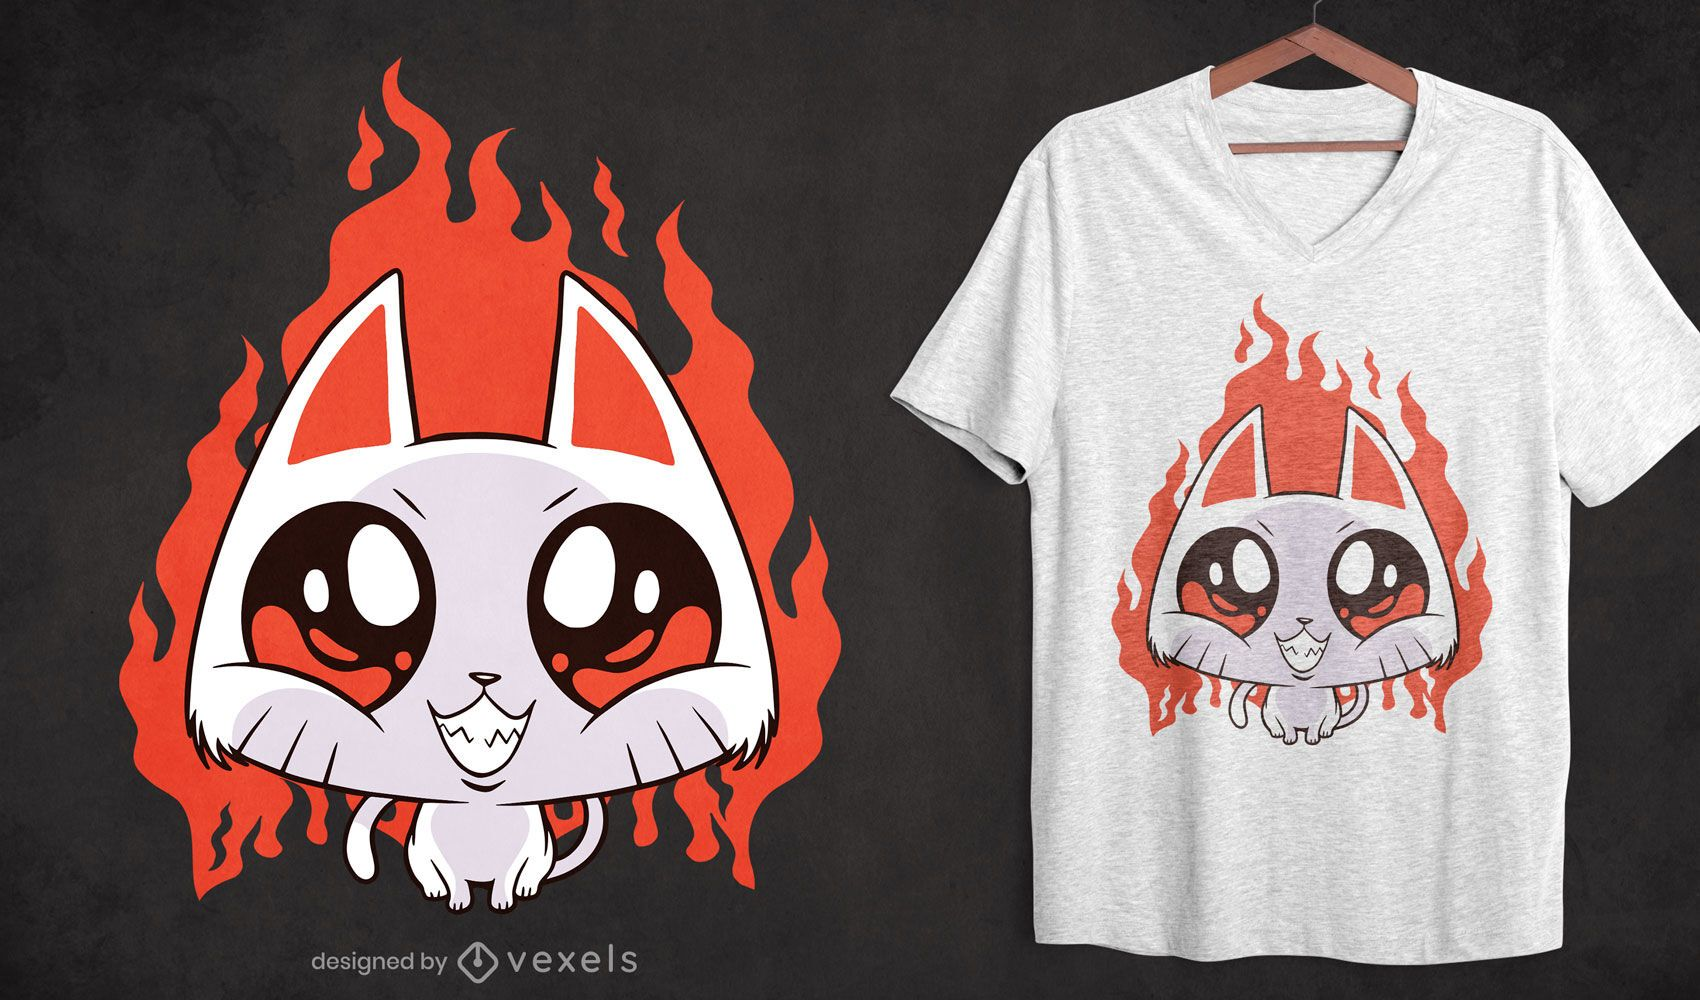 Evil kitten cartoon t-shirt design